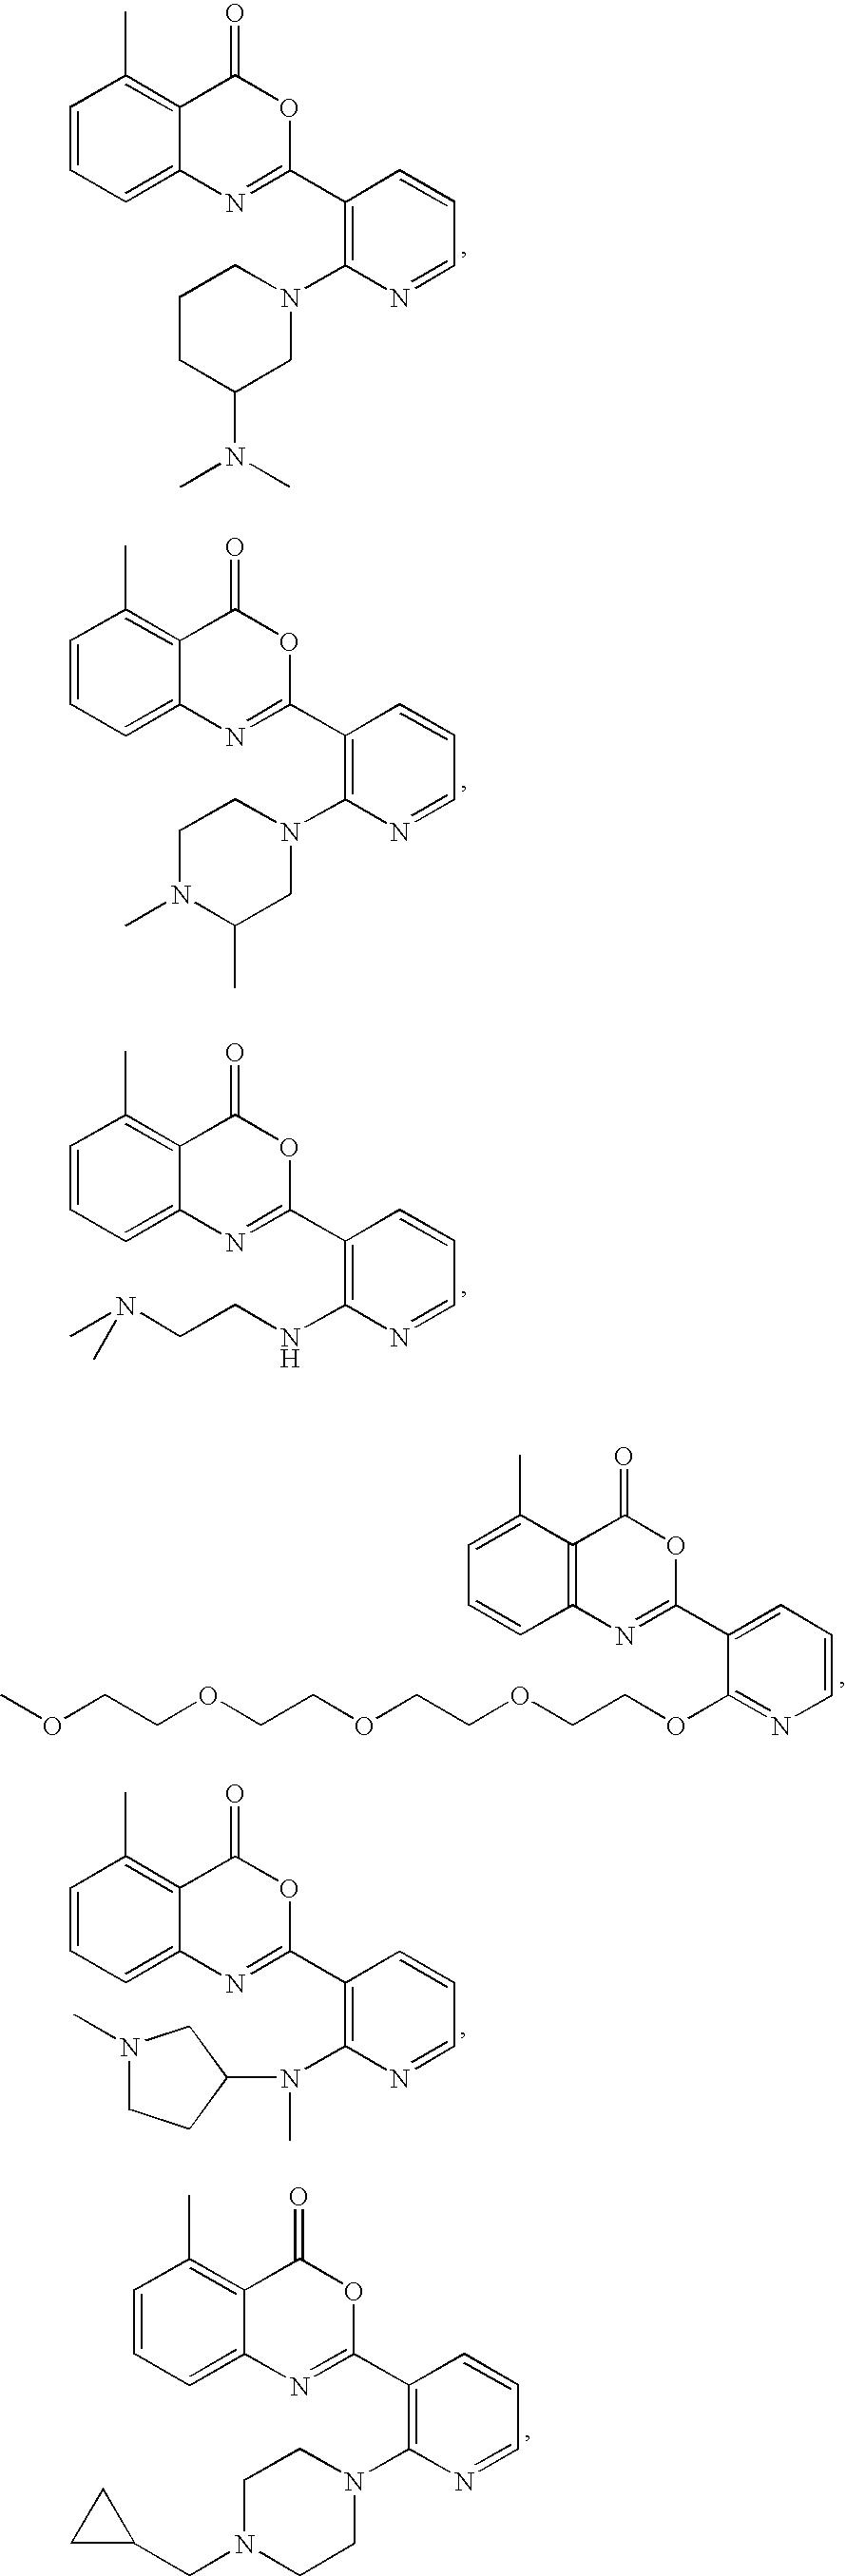 Figure US20080161290A1-20080703-C00383